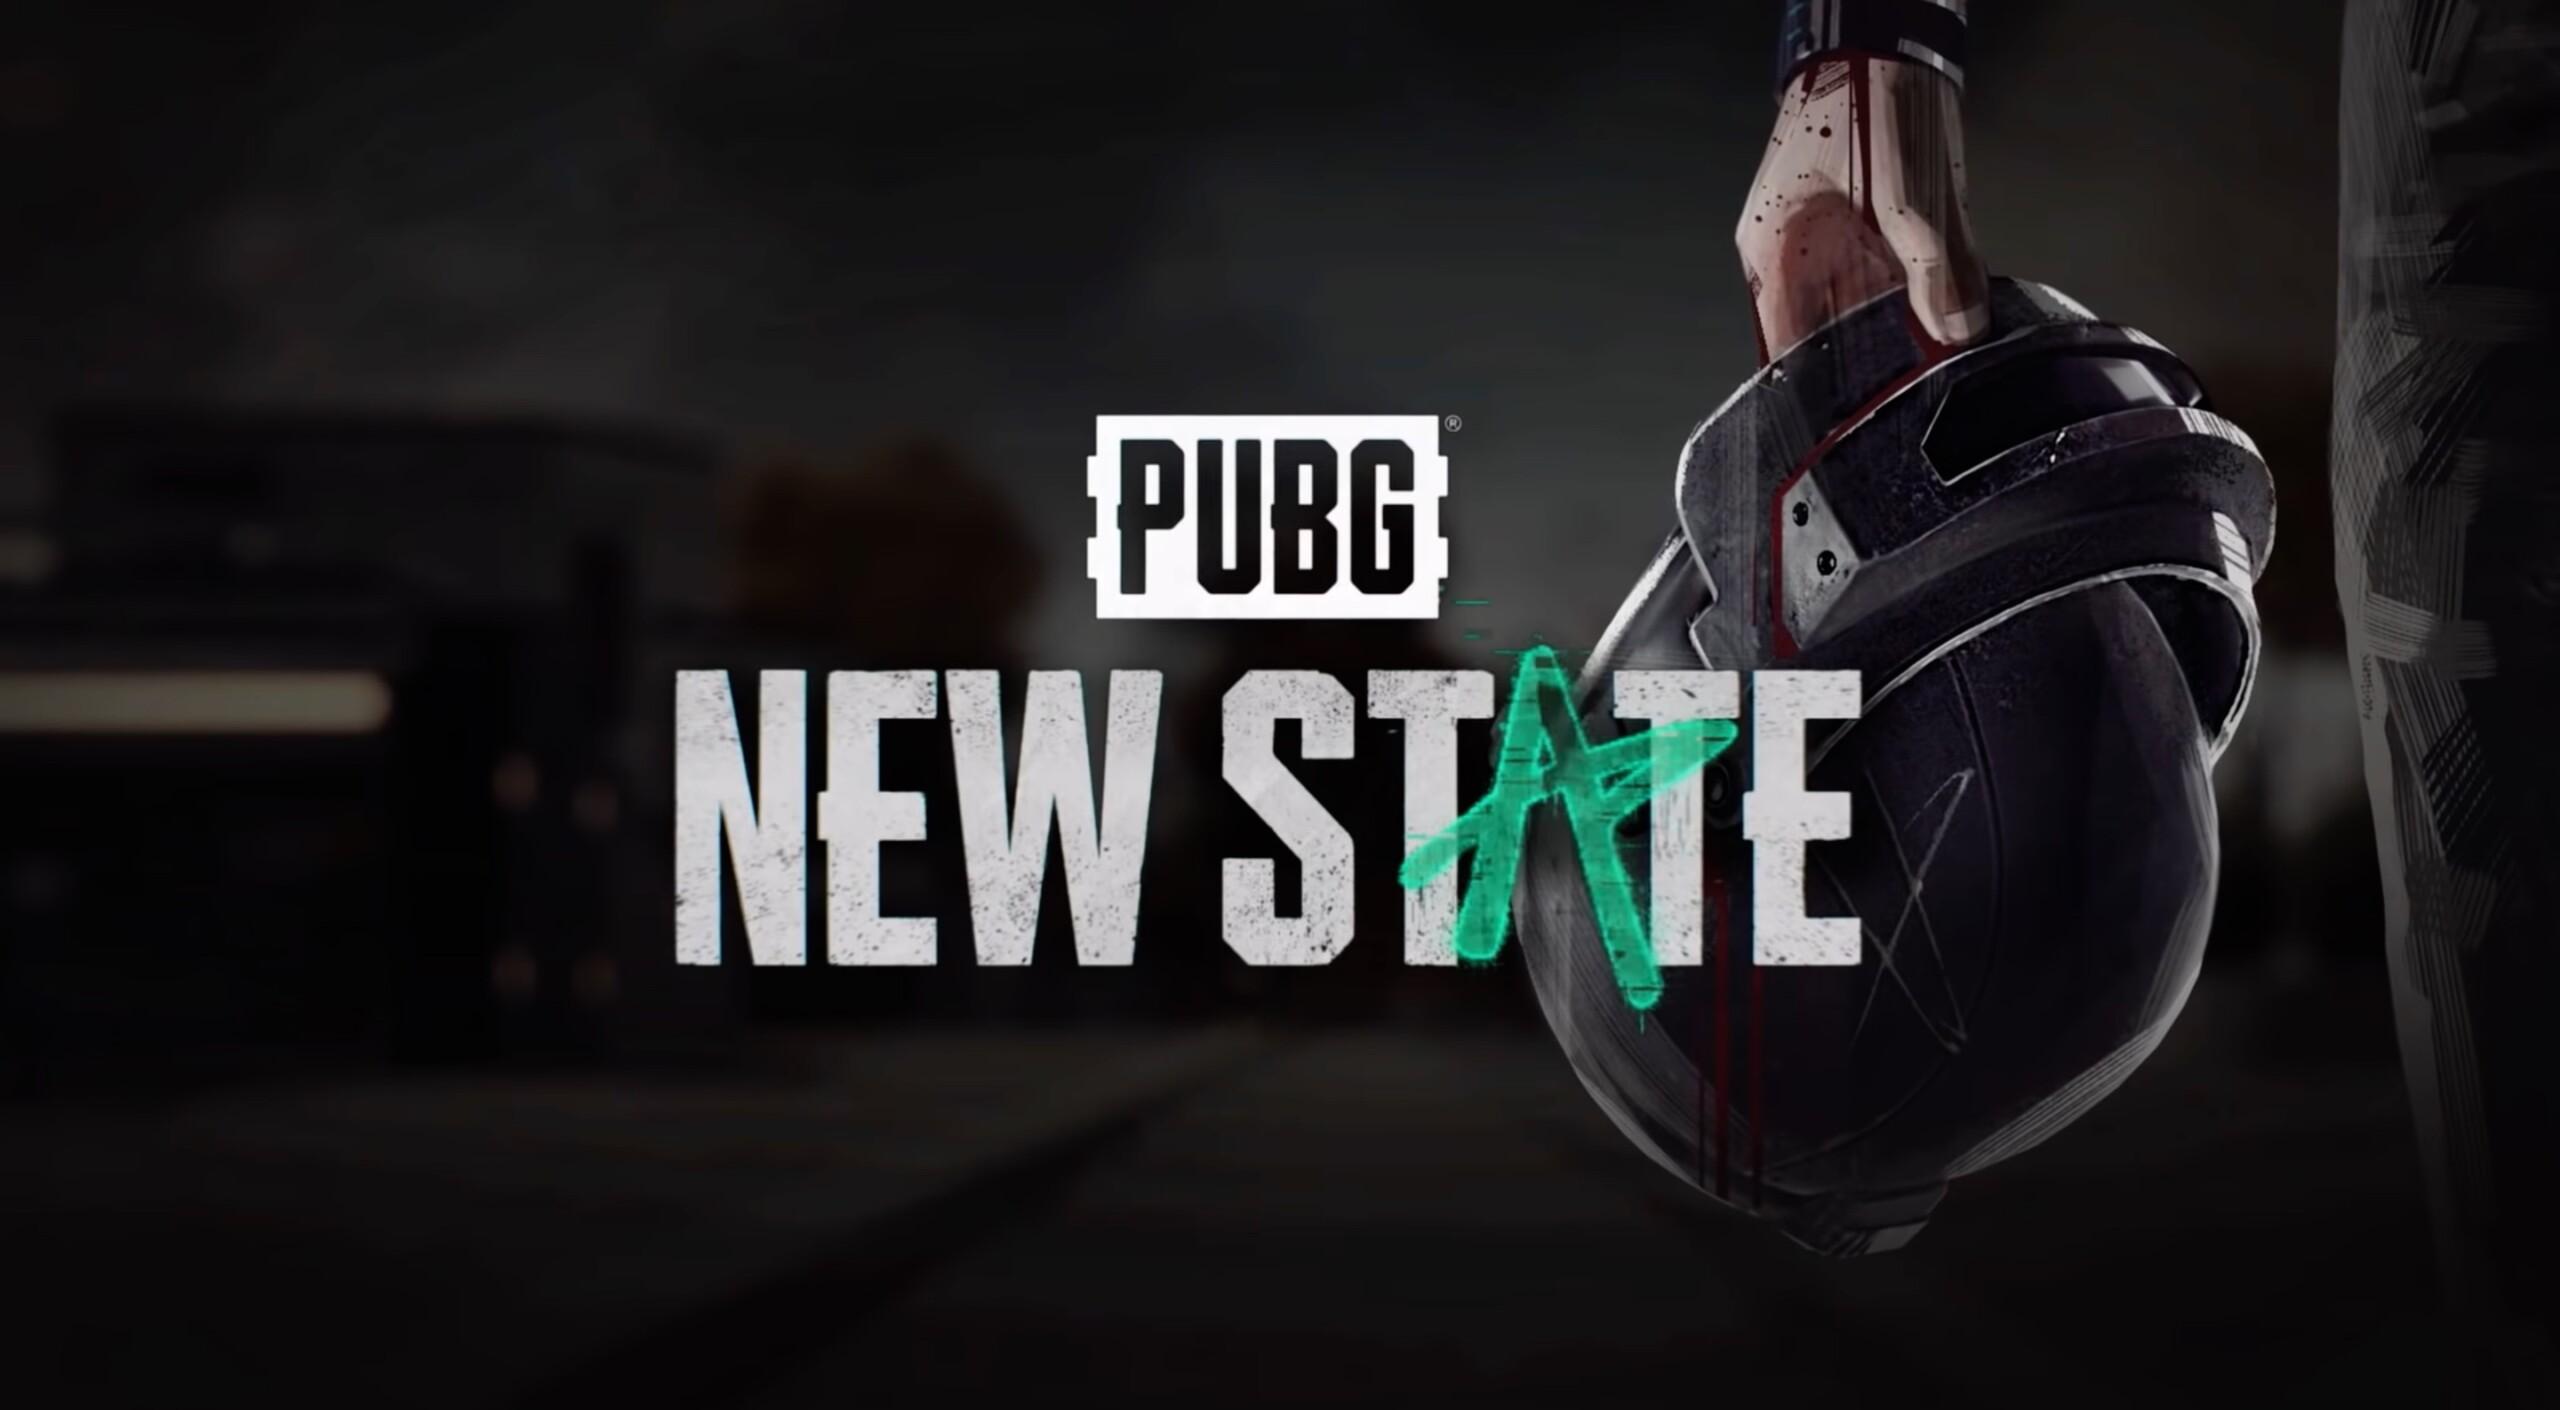 PUBG New State aimerait relancer votre intérêt pour le genre Battle Royale sur mobile